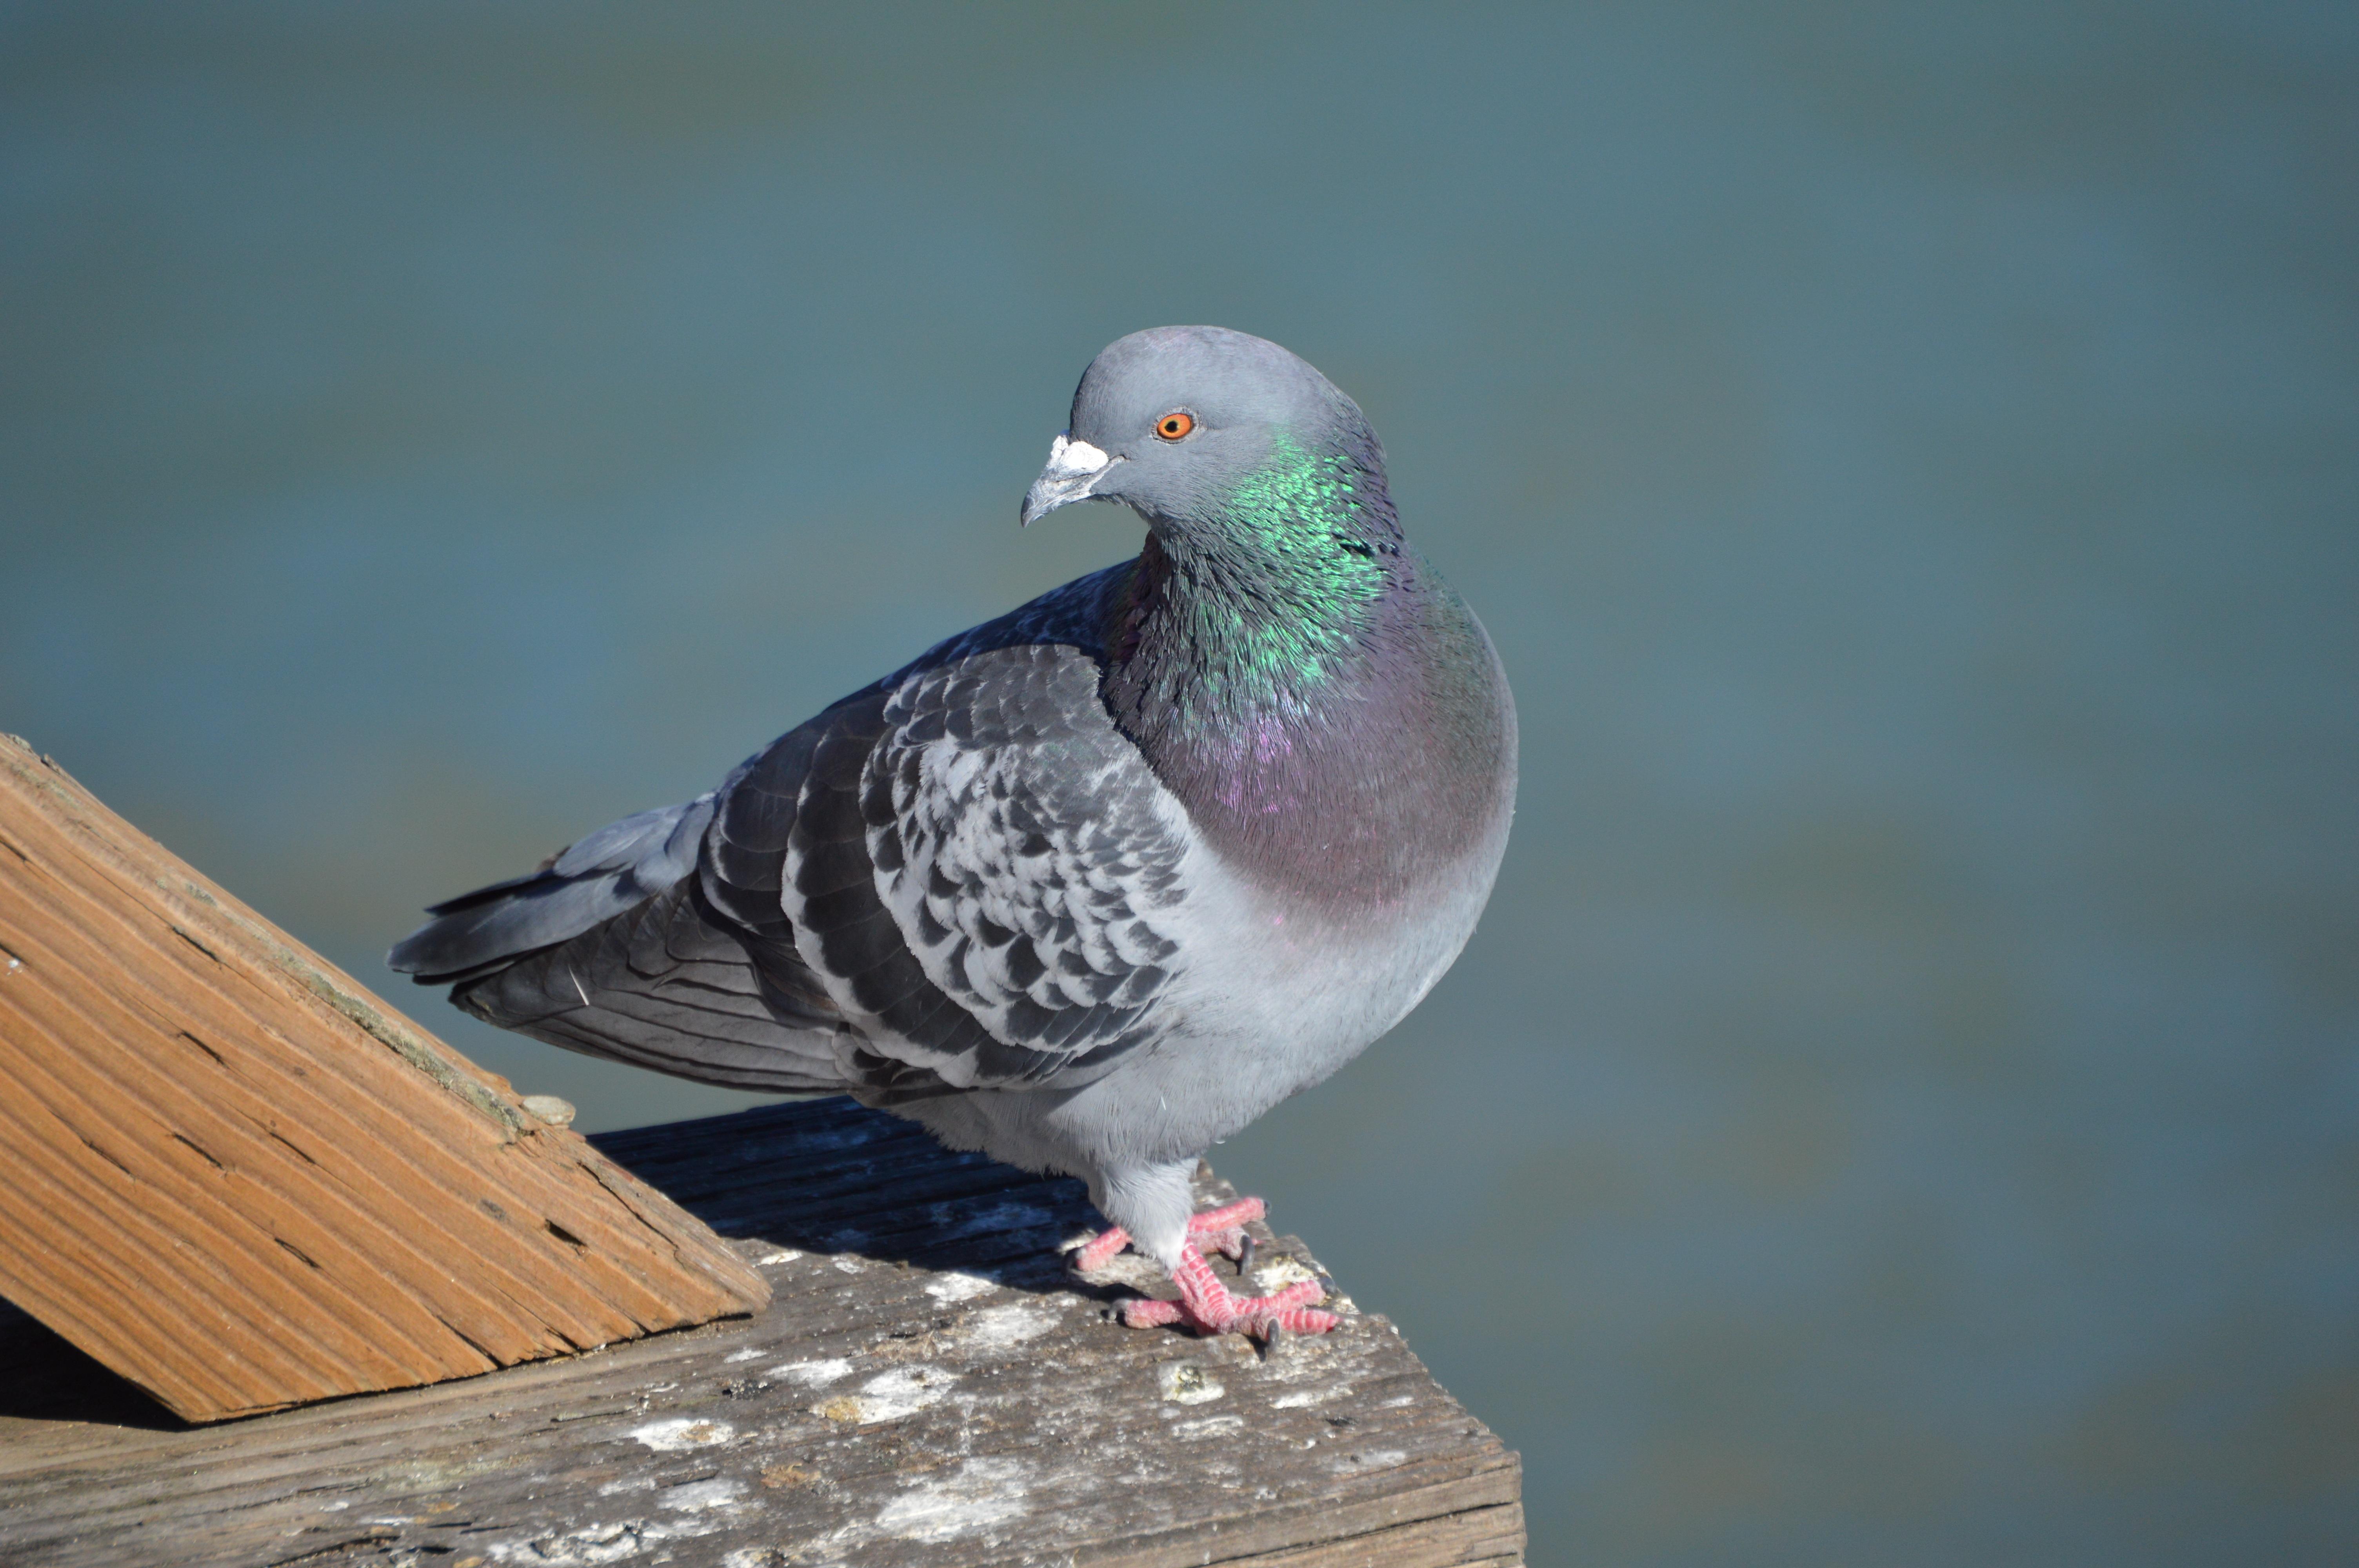 устойчив все о голубях фото картинки том, что иллюминация